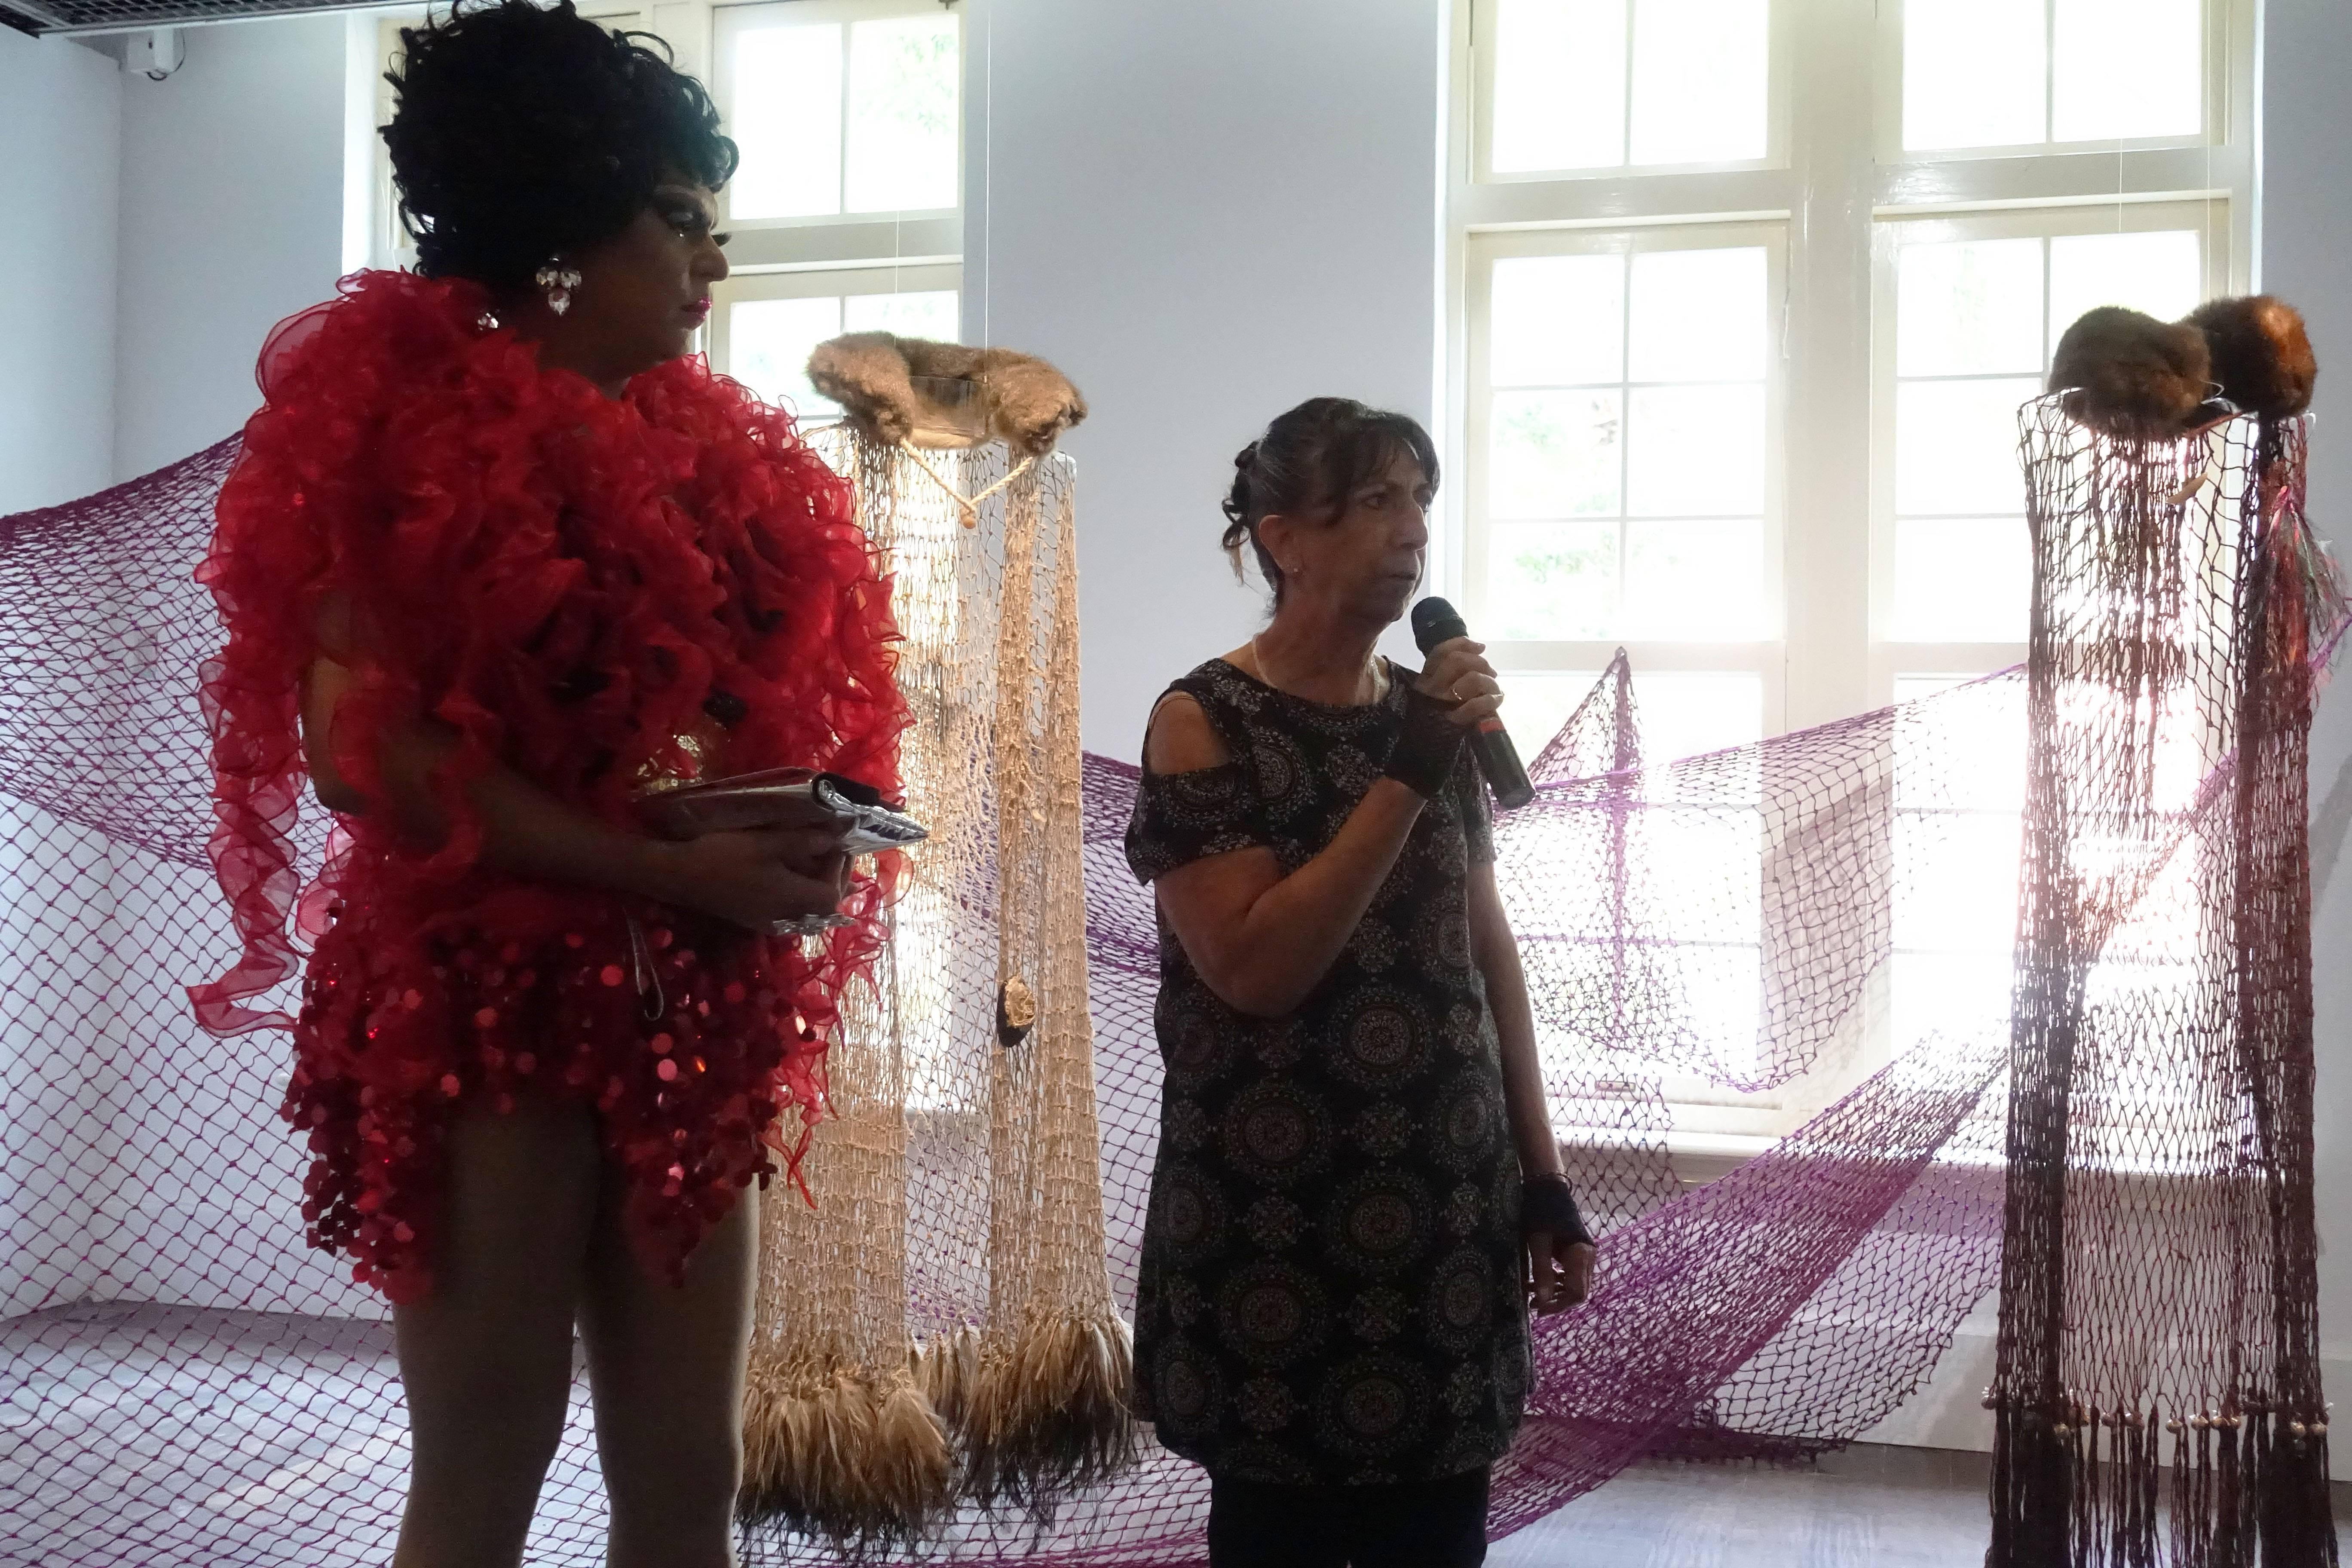 澳洲變裝皇后班.格雷茲(Ben Graetz)與此次澳洲明日藝術節藝術家葛蘭達.尼珂斯(Glenda Nicholls)進行作品現場導覽。